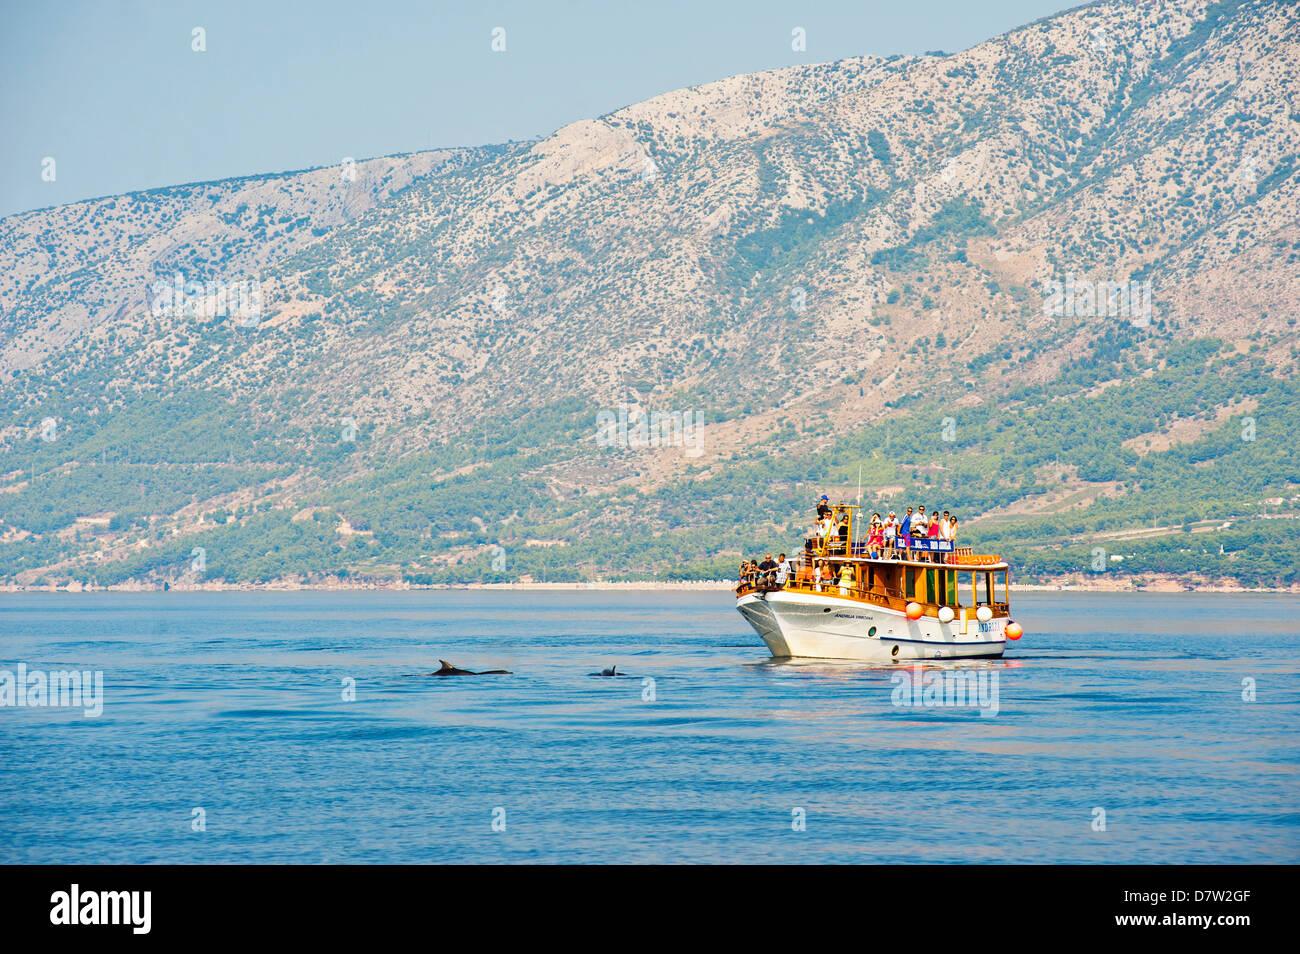 Des dauphins en bateau au large de l'île de Brac, côte dalmate, Adriatique, Croatie Photo Stock